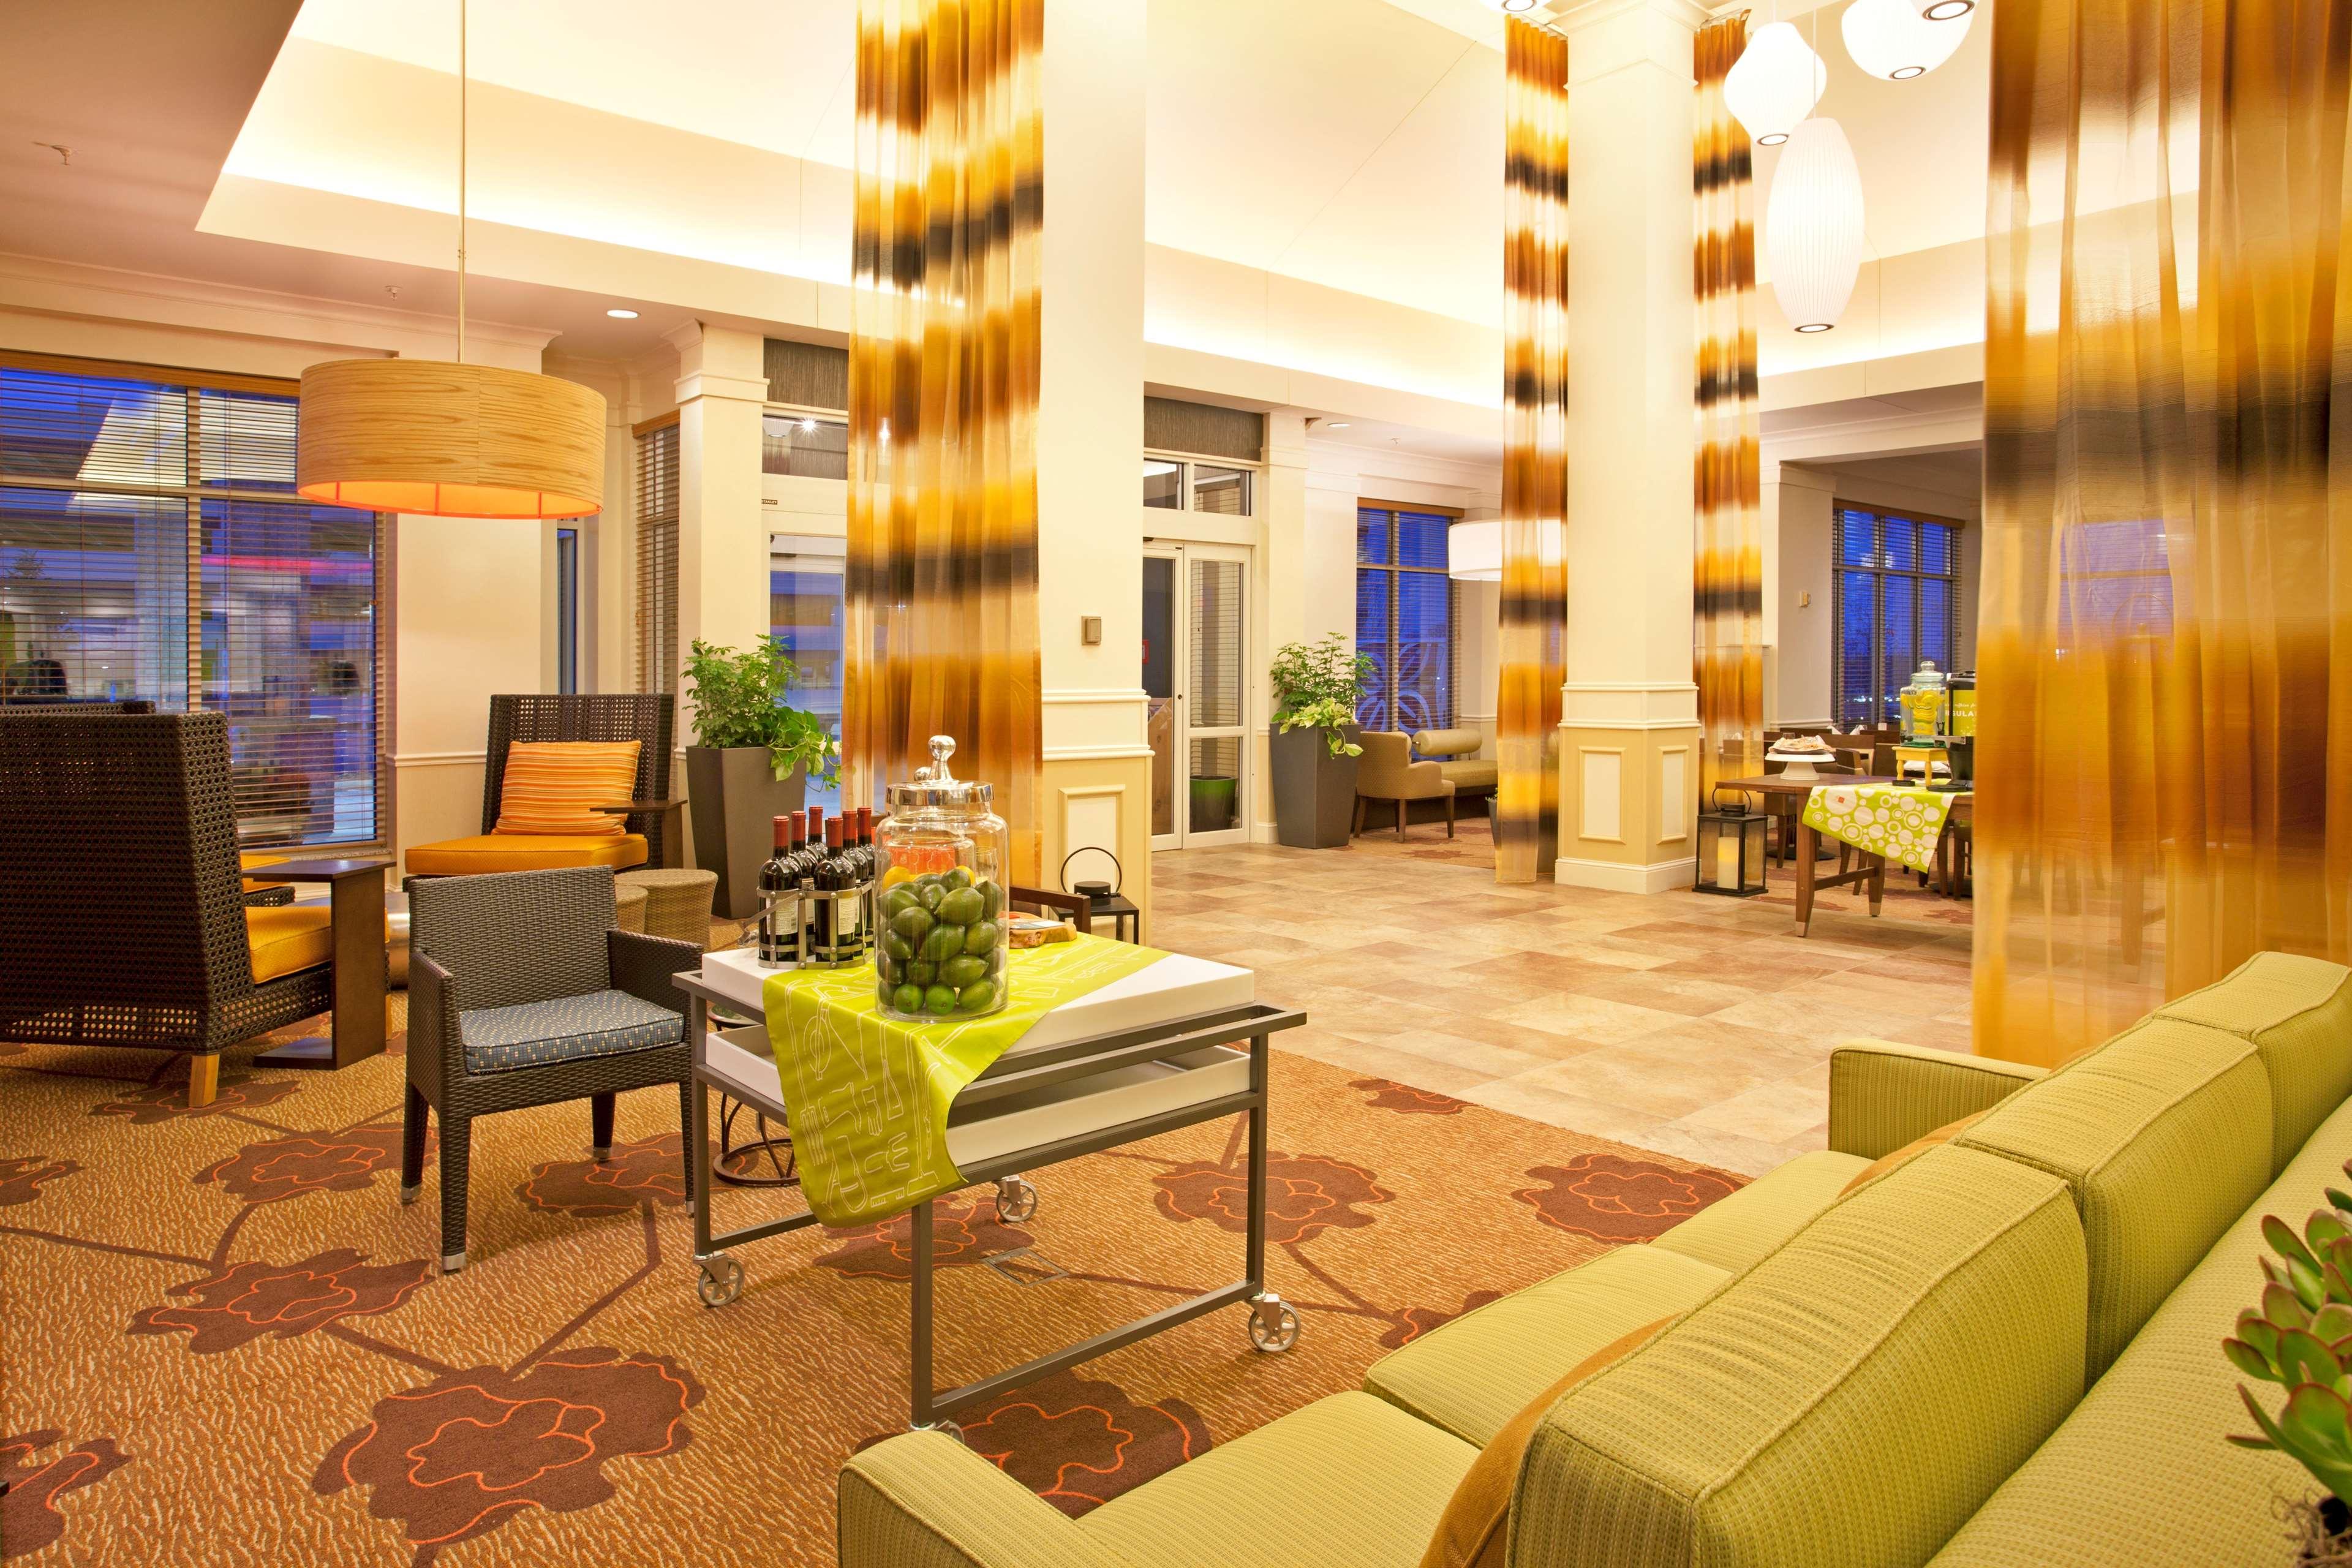 Hilton Garden Inn Minneapolis/Eden Prairie image 5